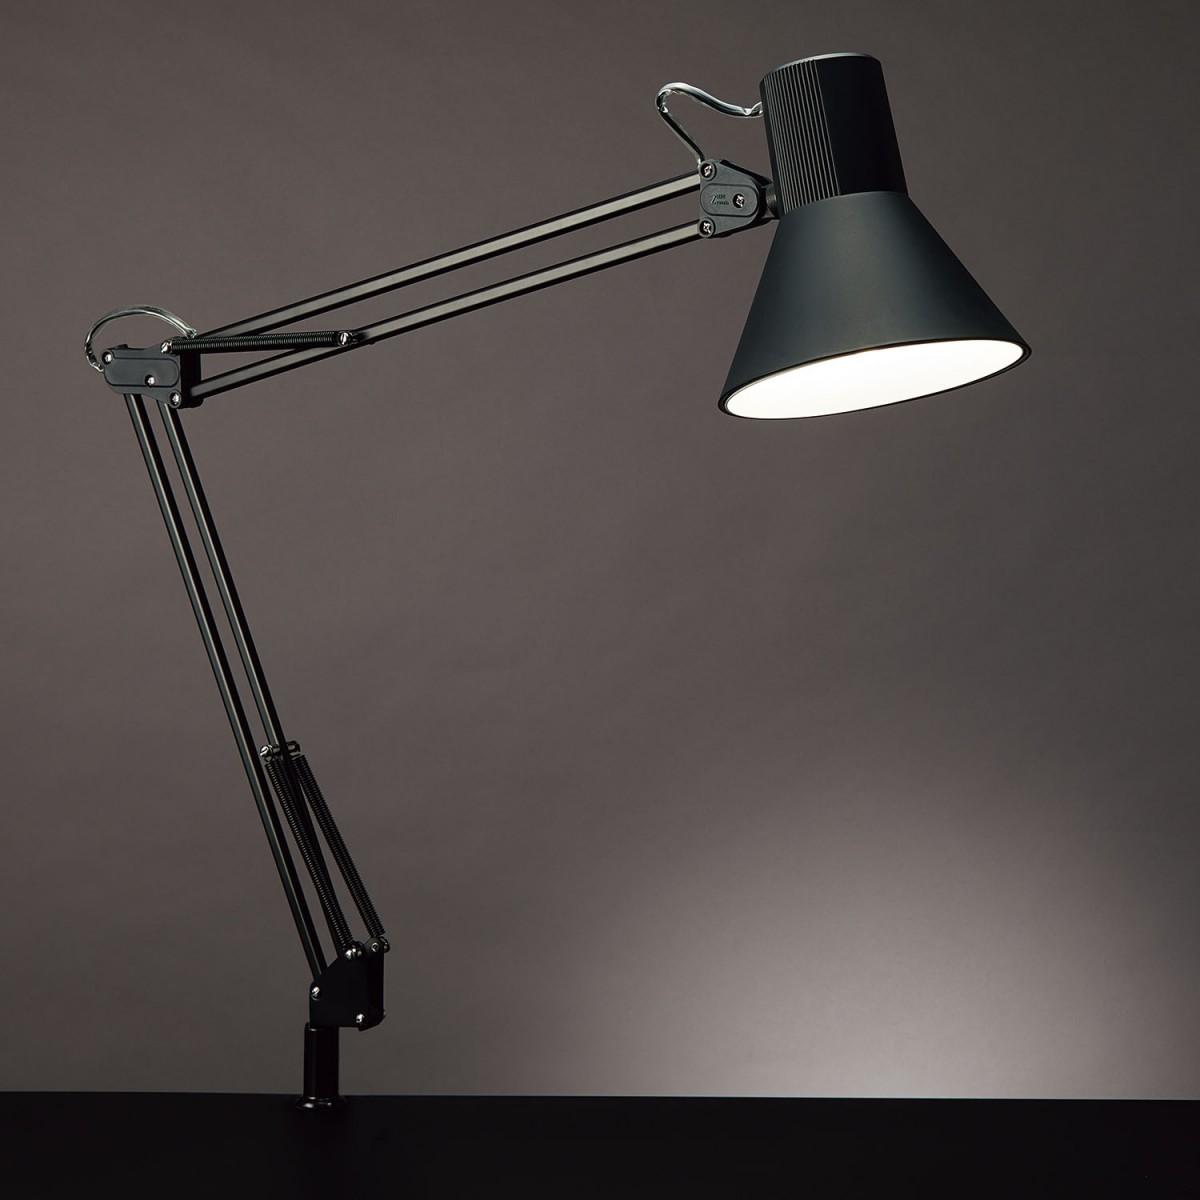 山田照明 通販 LEDデスクライトZ-108NBブラック5000K昼白色コード長さ:1.9m セード部シーソースイッチクランプタイプ白熱60W相当Zライト 新品 送料無料 Z-Light ゼットライト Z108NB